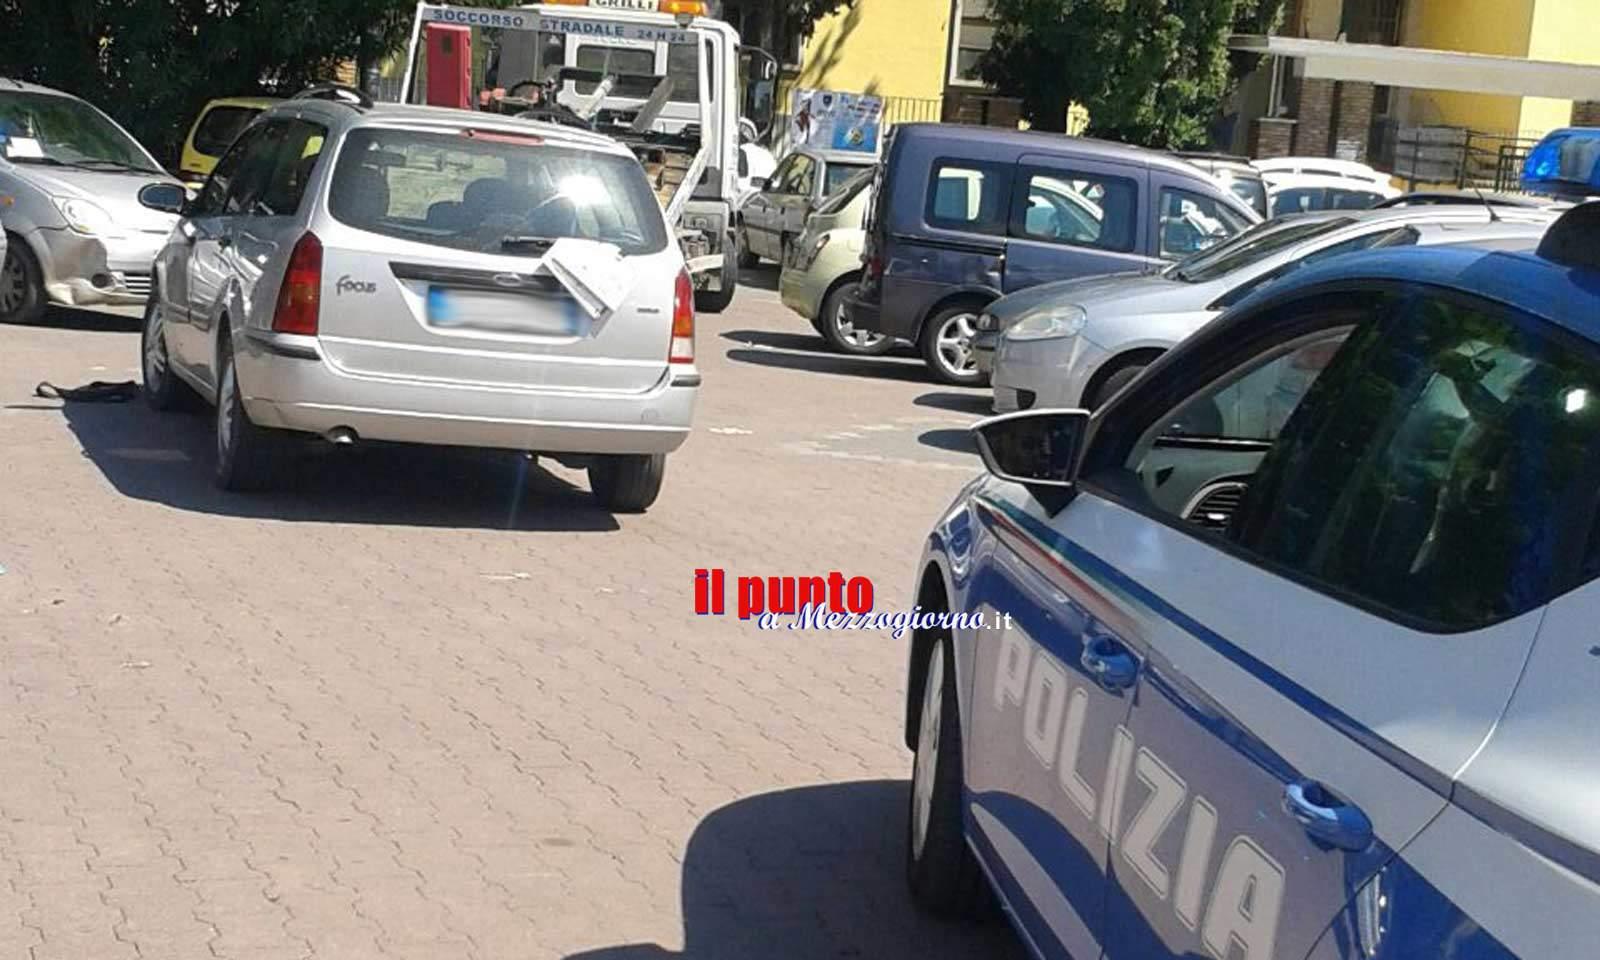 Parcheggi selvaggi in piazza Nicholas Green. Sanzioni e Carro attrezzi in azione questa mattina a Cassino